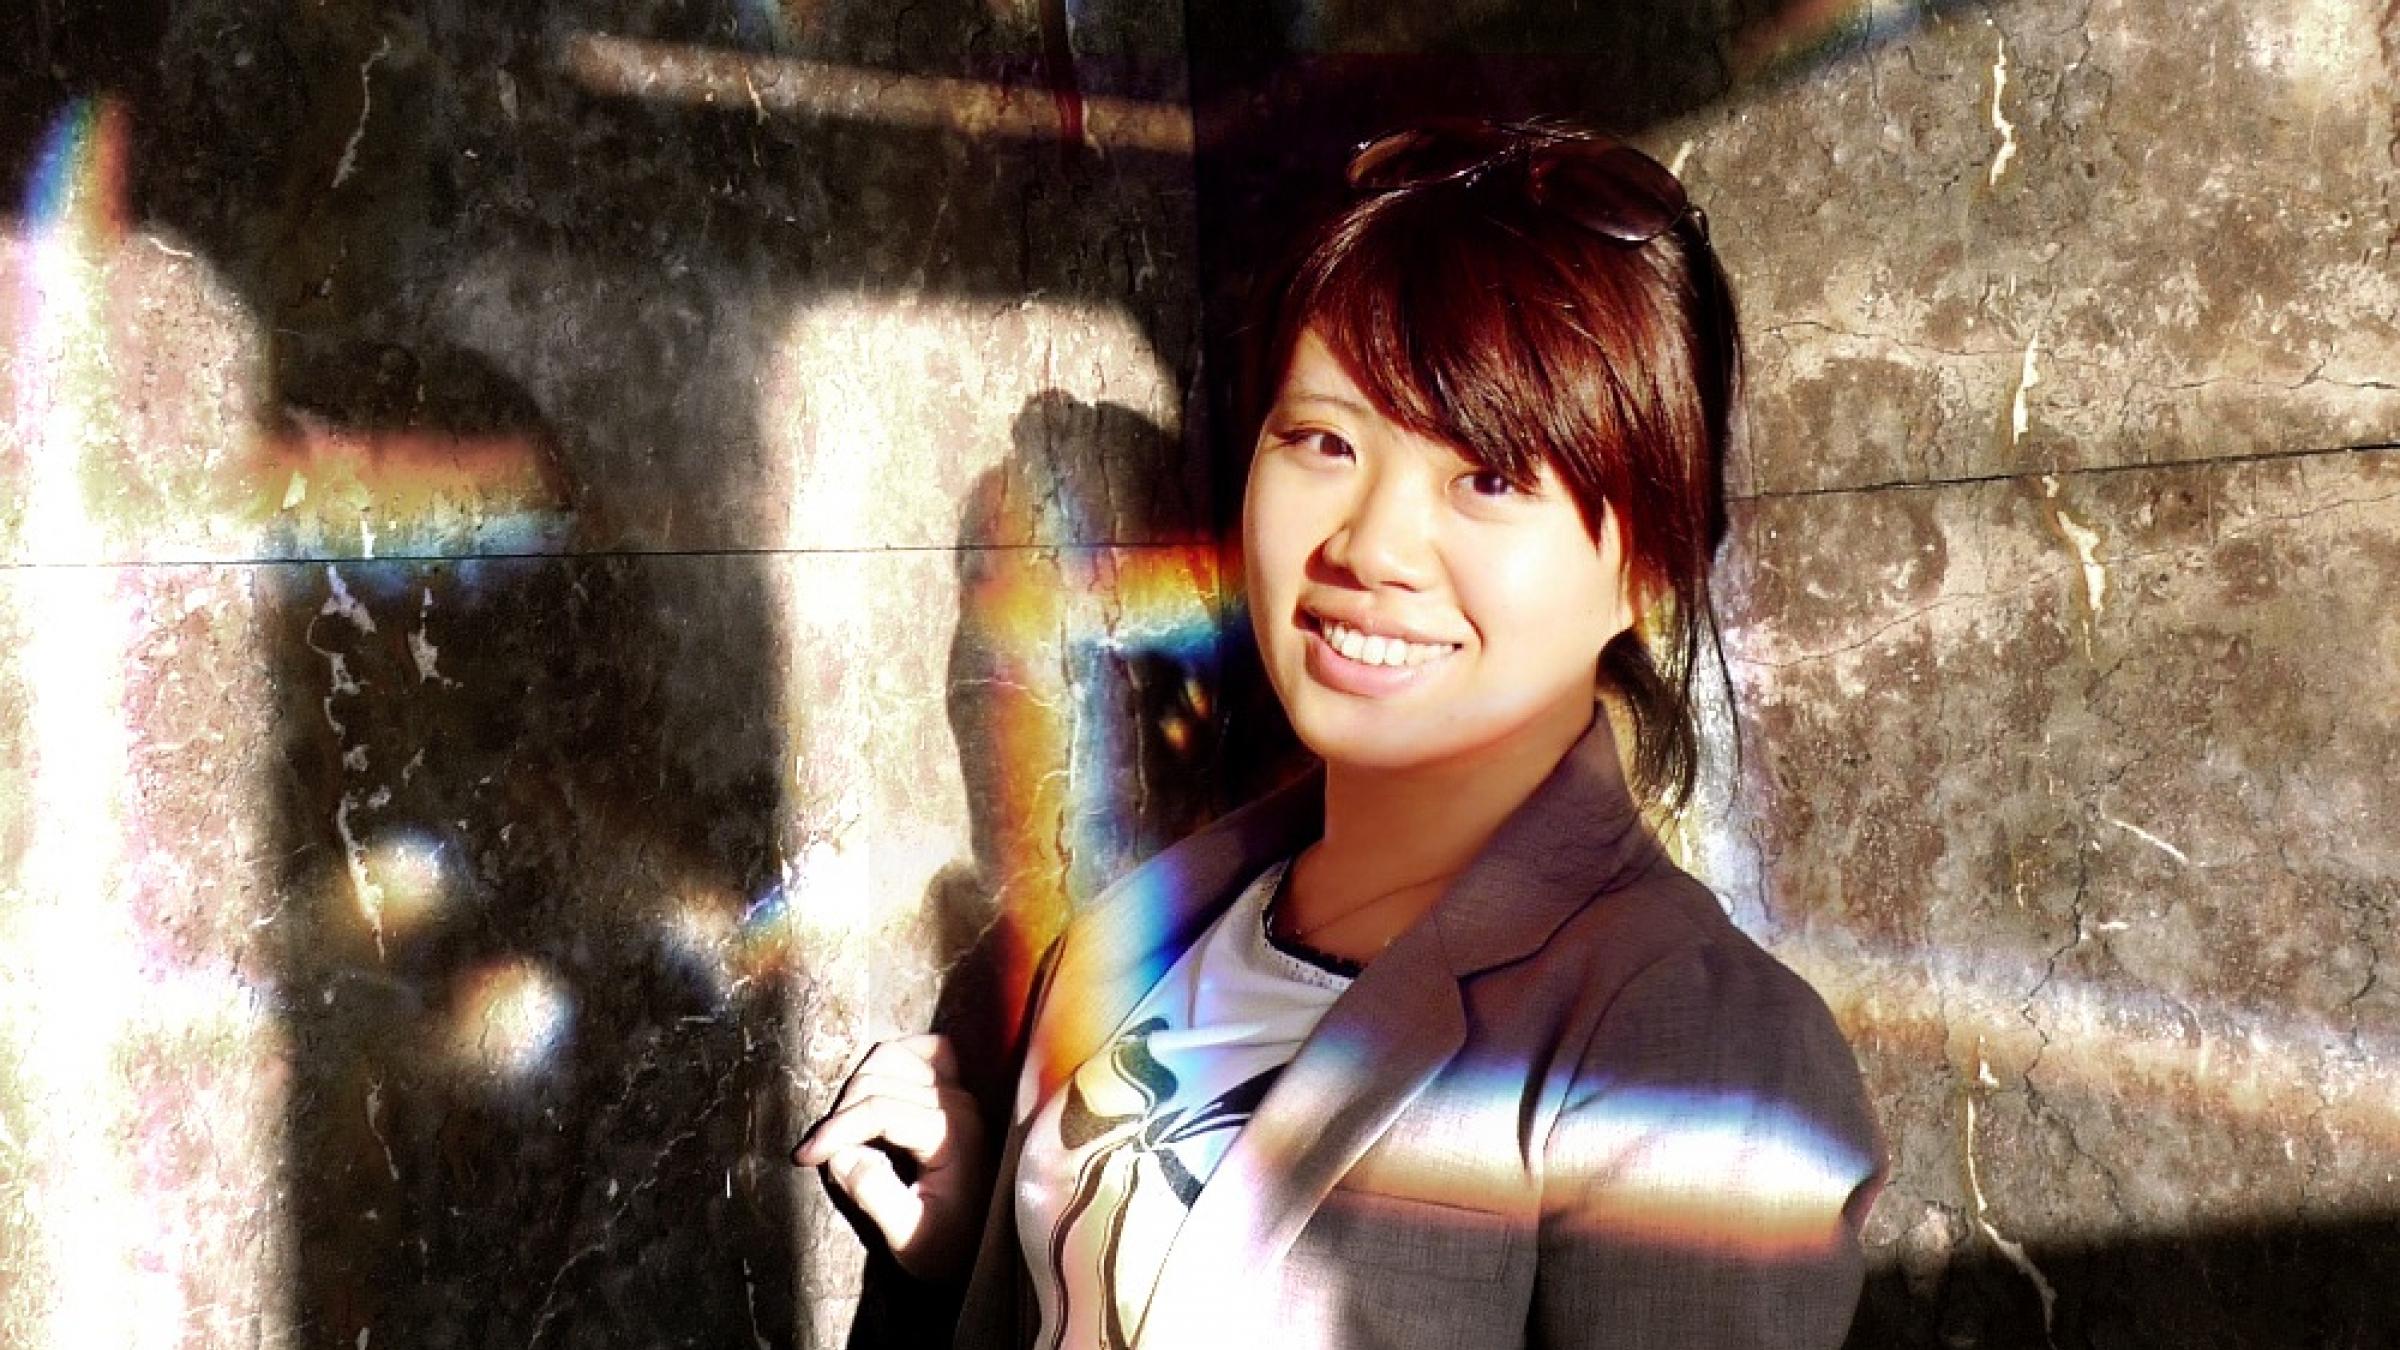 Artist Li-Rong Liao